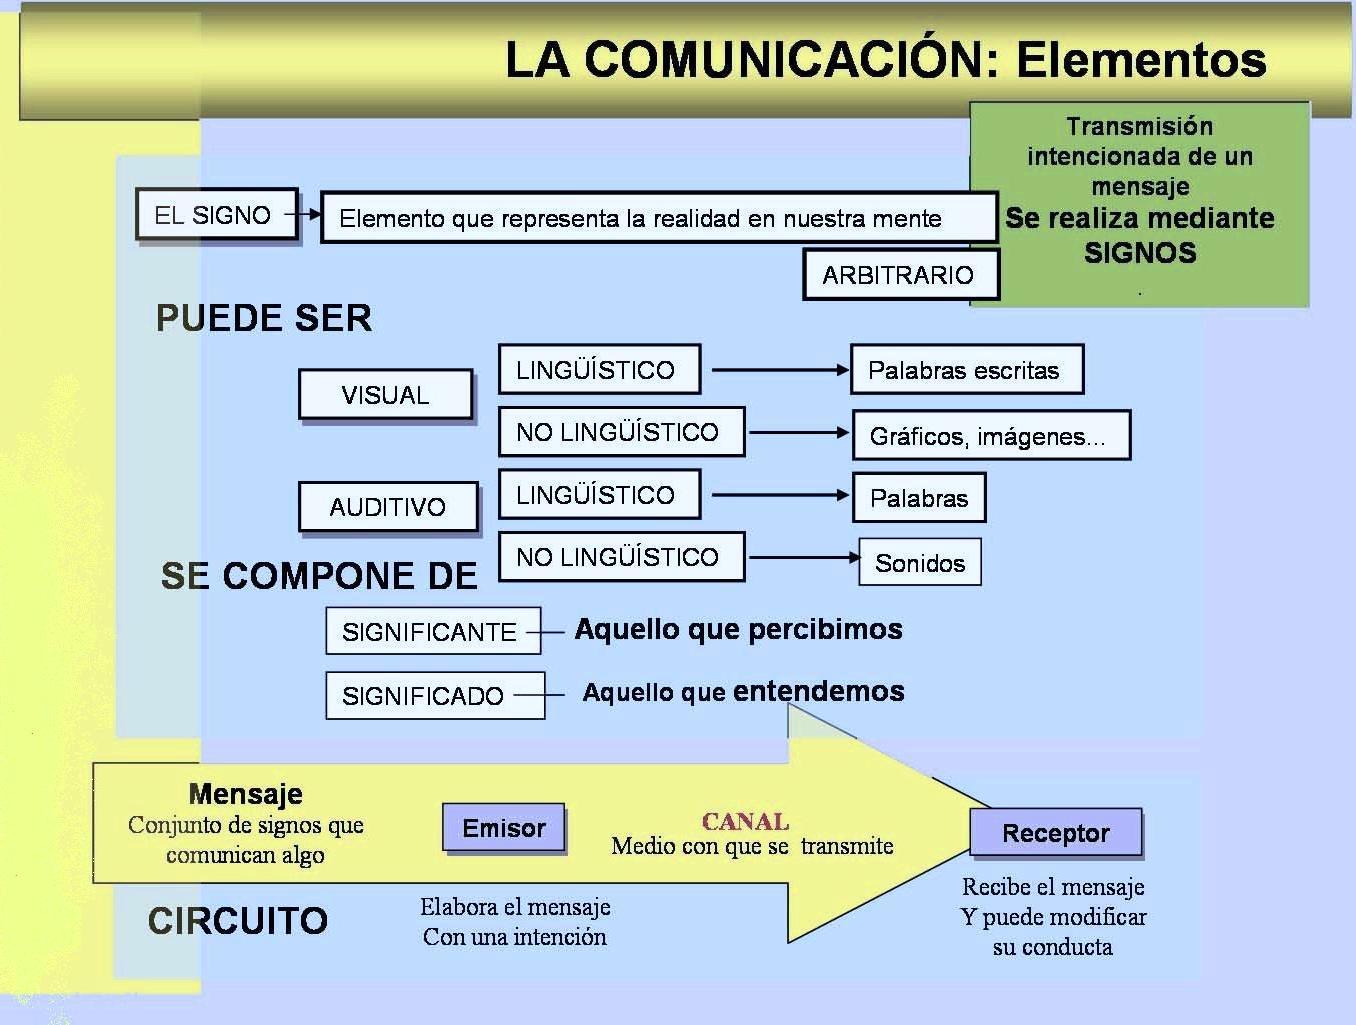 Circuito Emisor Receptor : Elementos básicos del circuito de la comunicación by lilia issuu